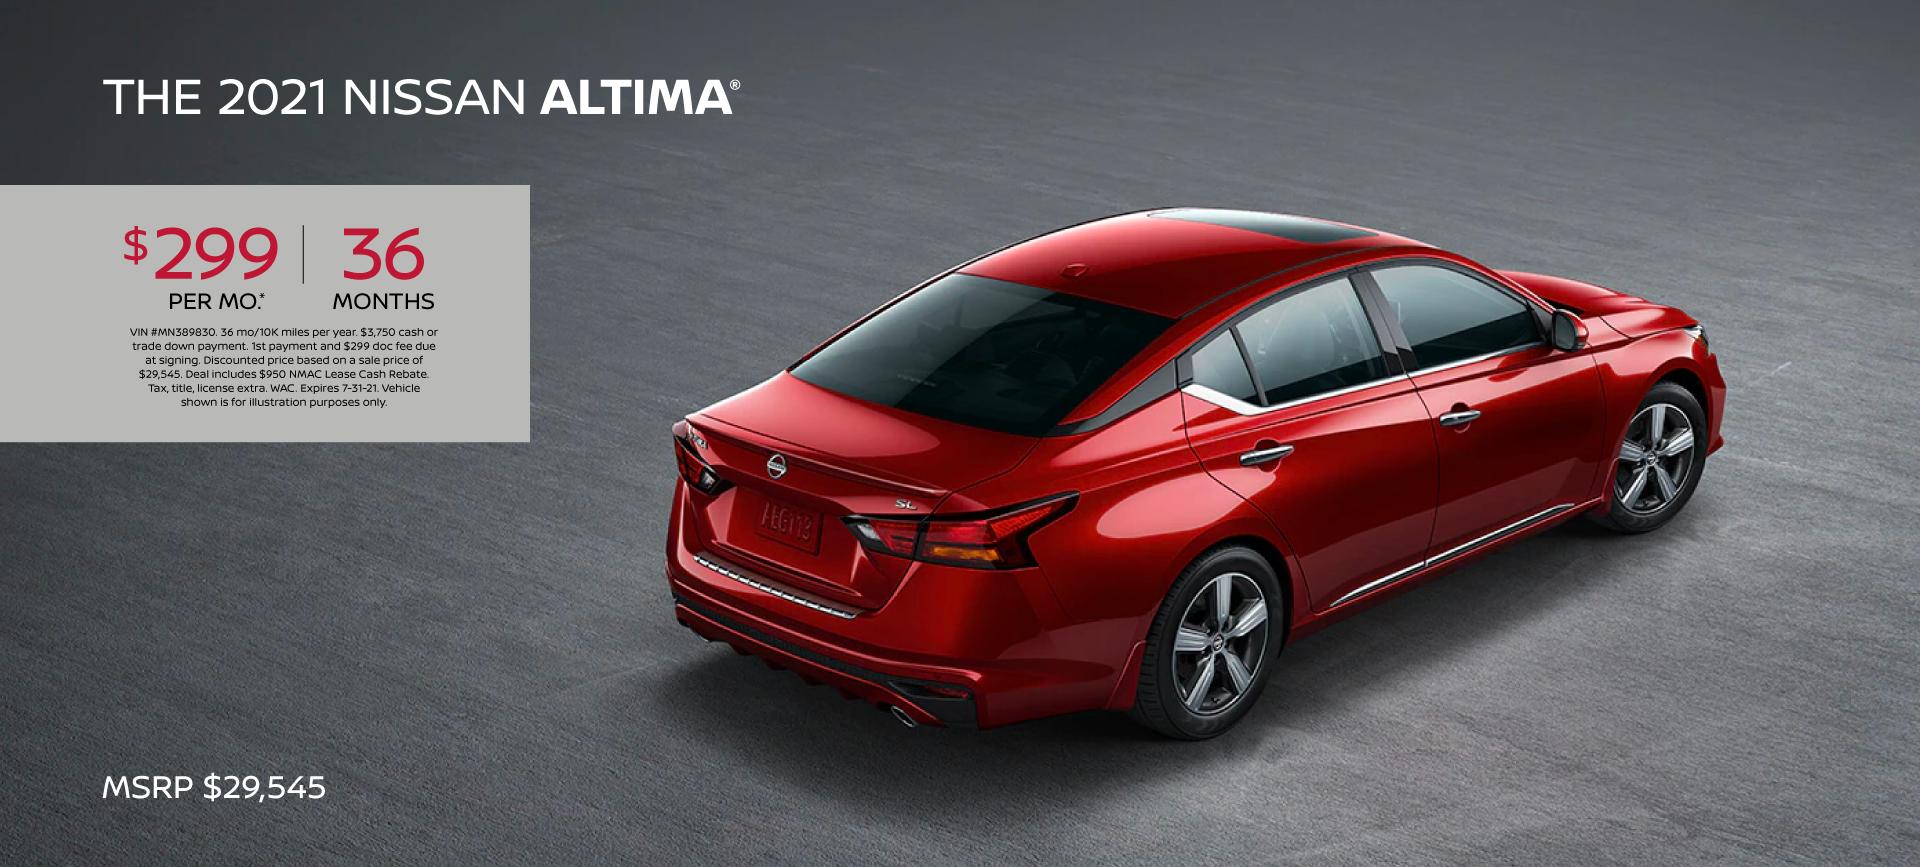 NissanBelle-OEM-0721_Altima